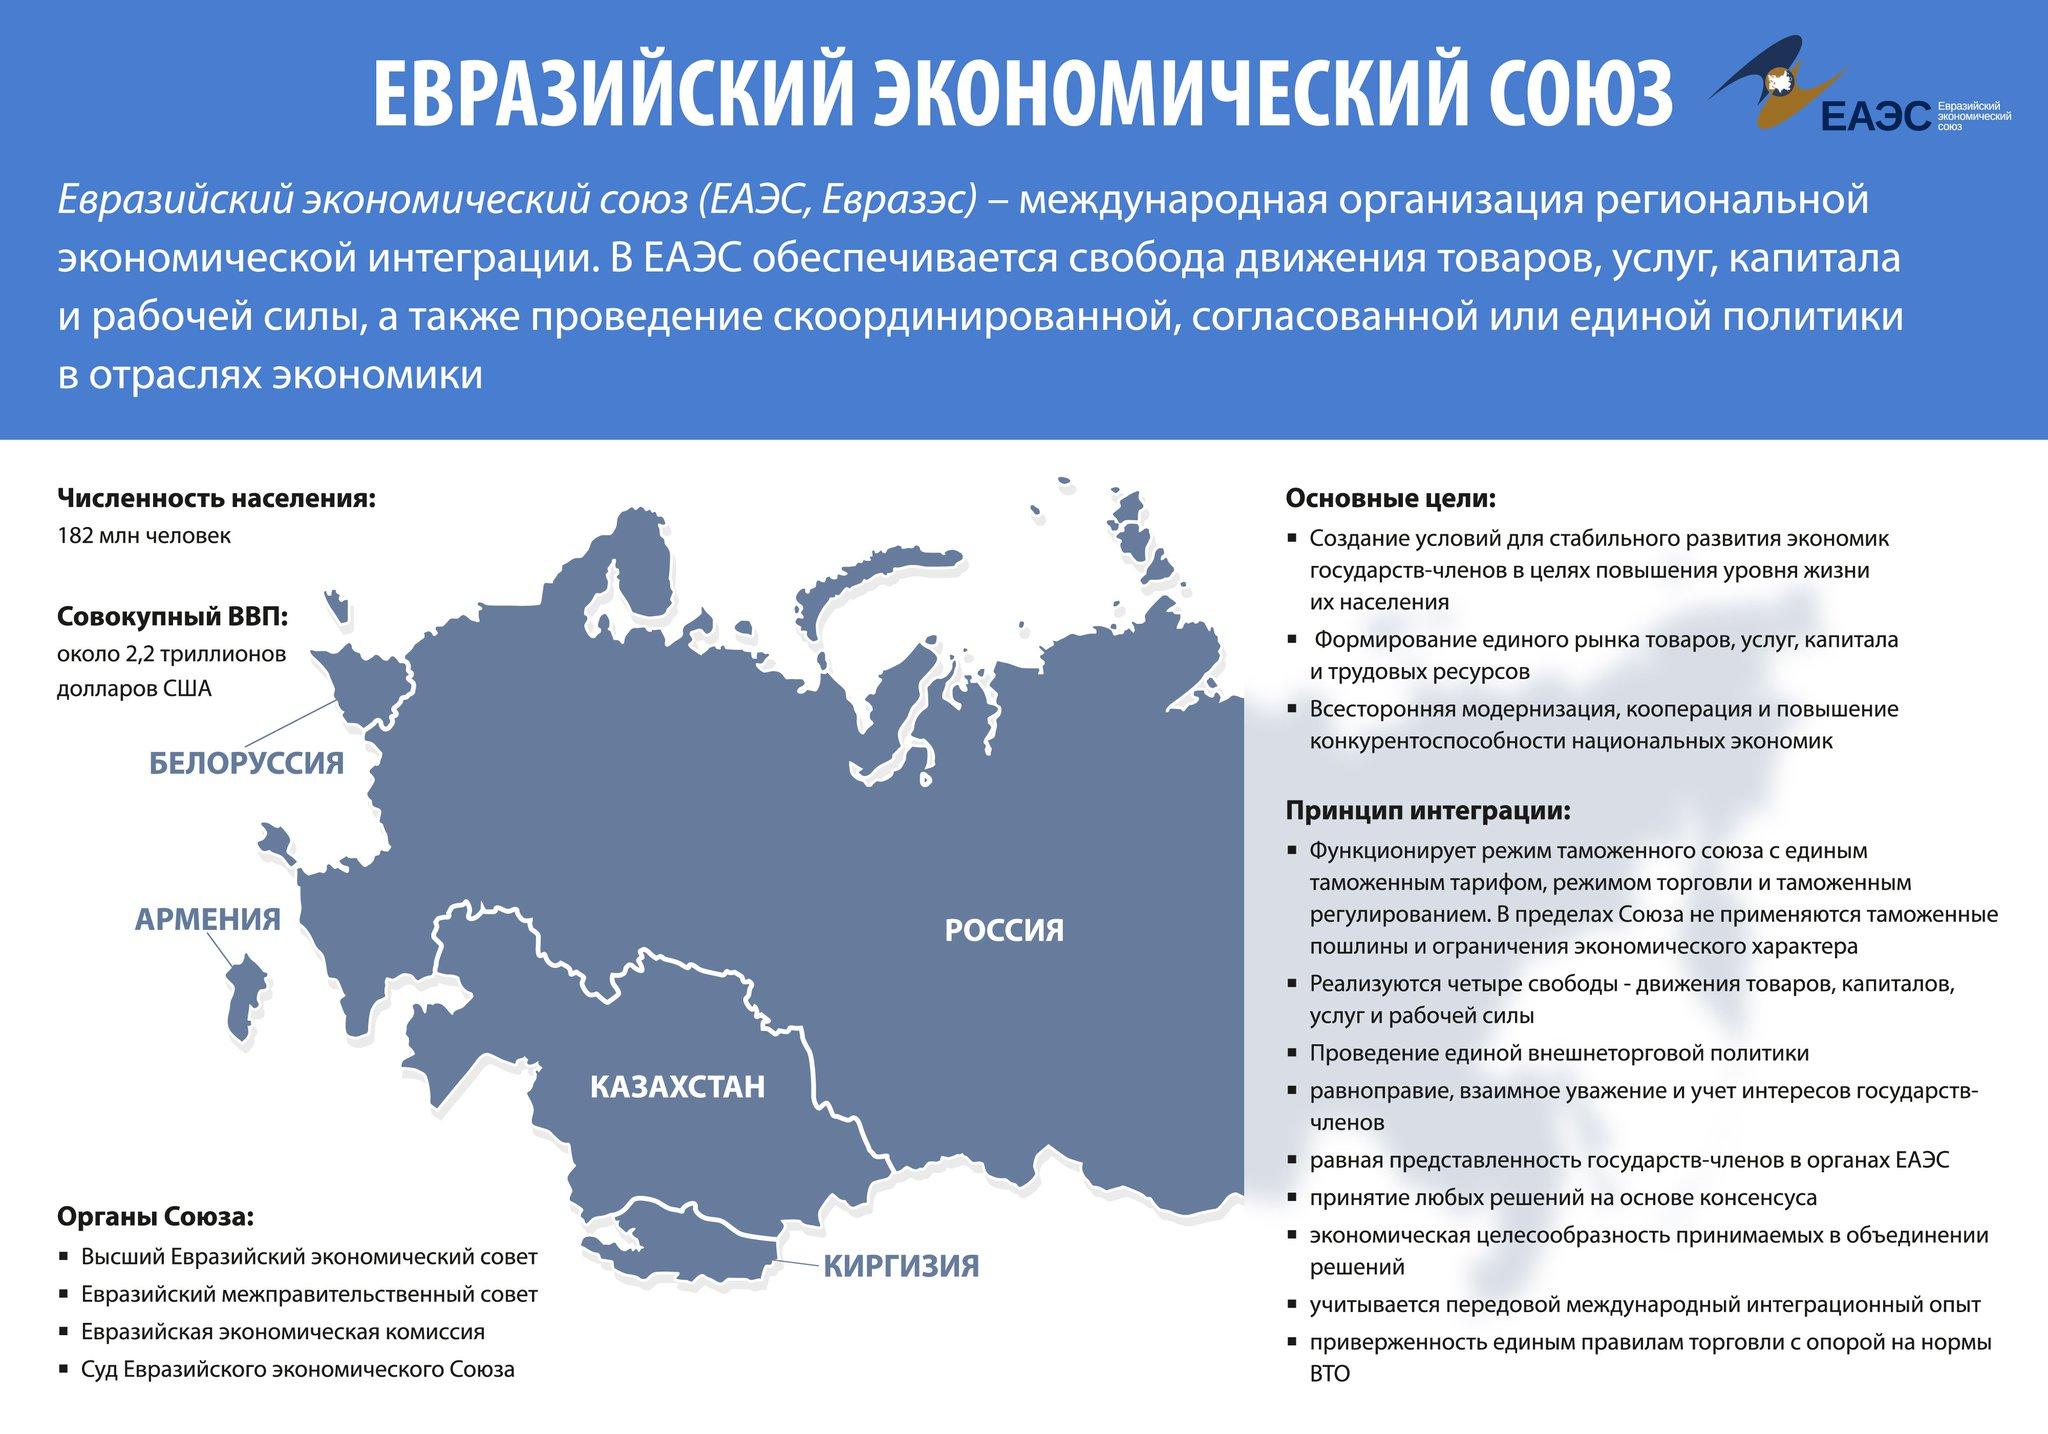 strani-chleni-evraziyskogo-ekonomicheskogo-soyuza